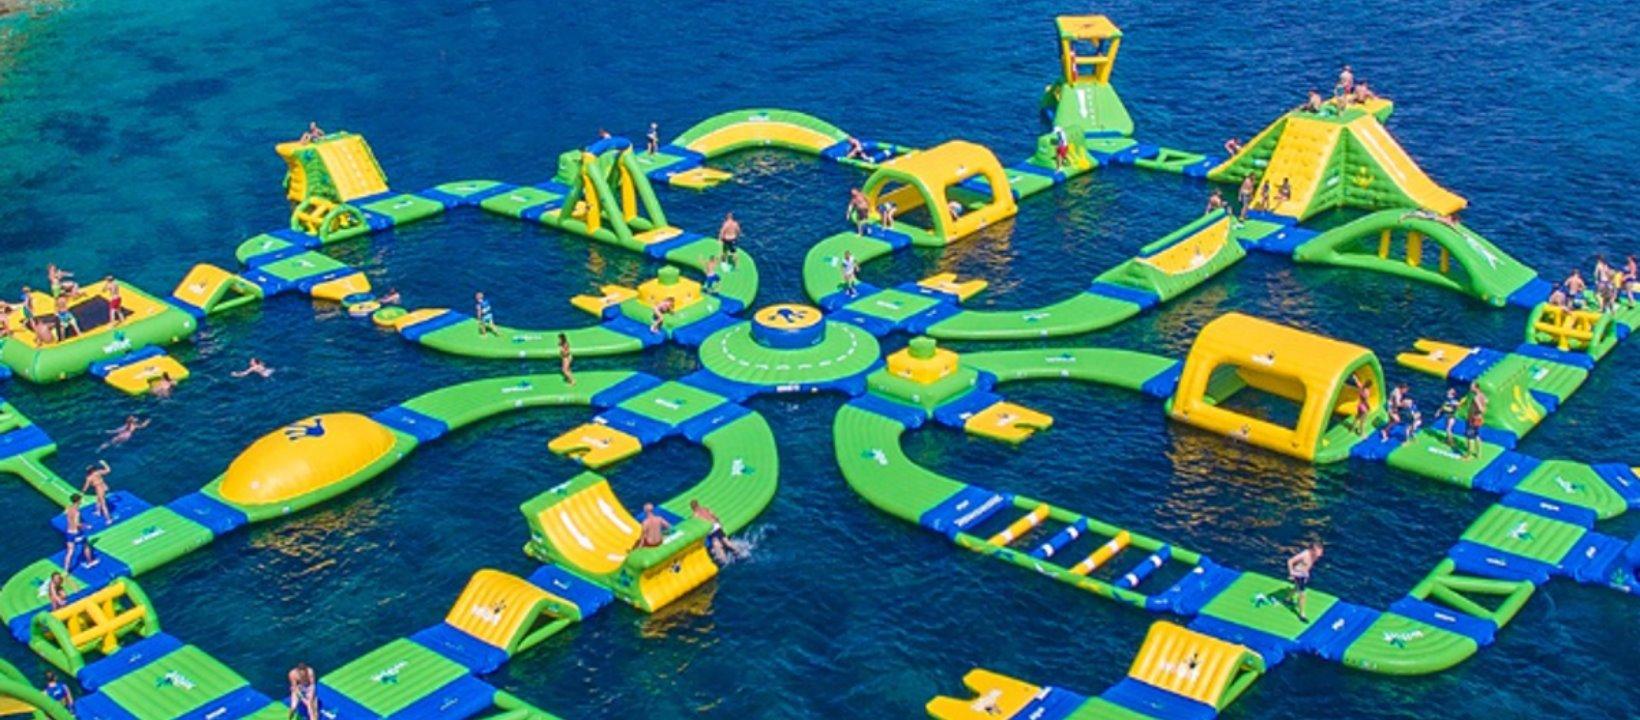 HydroDash: A floating aqua park in Sentosa